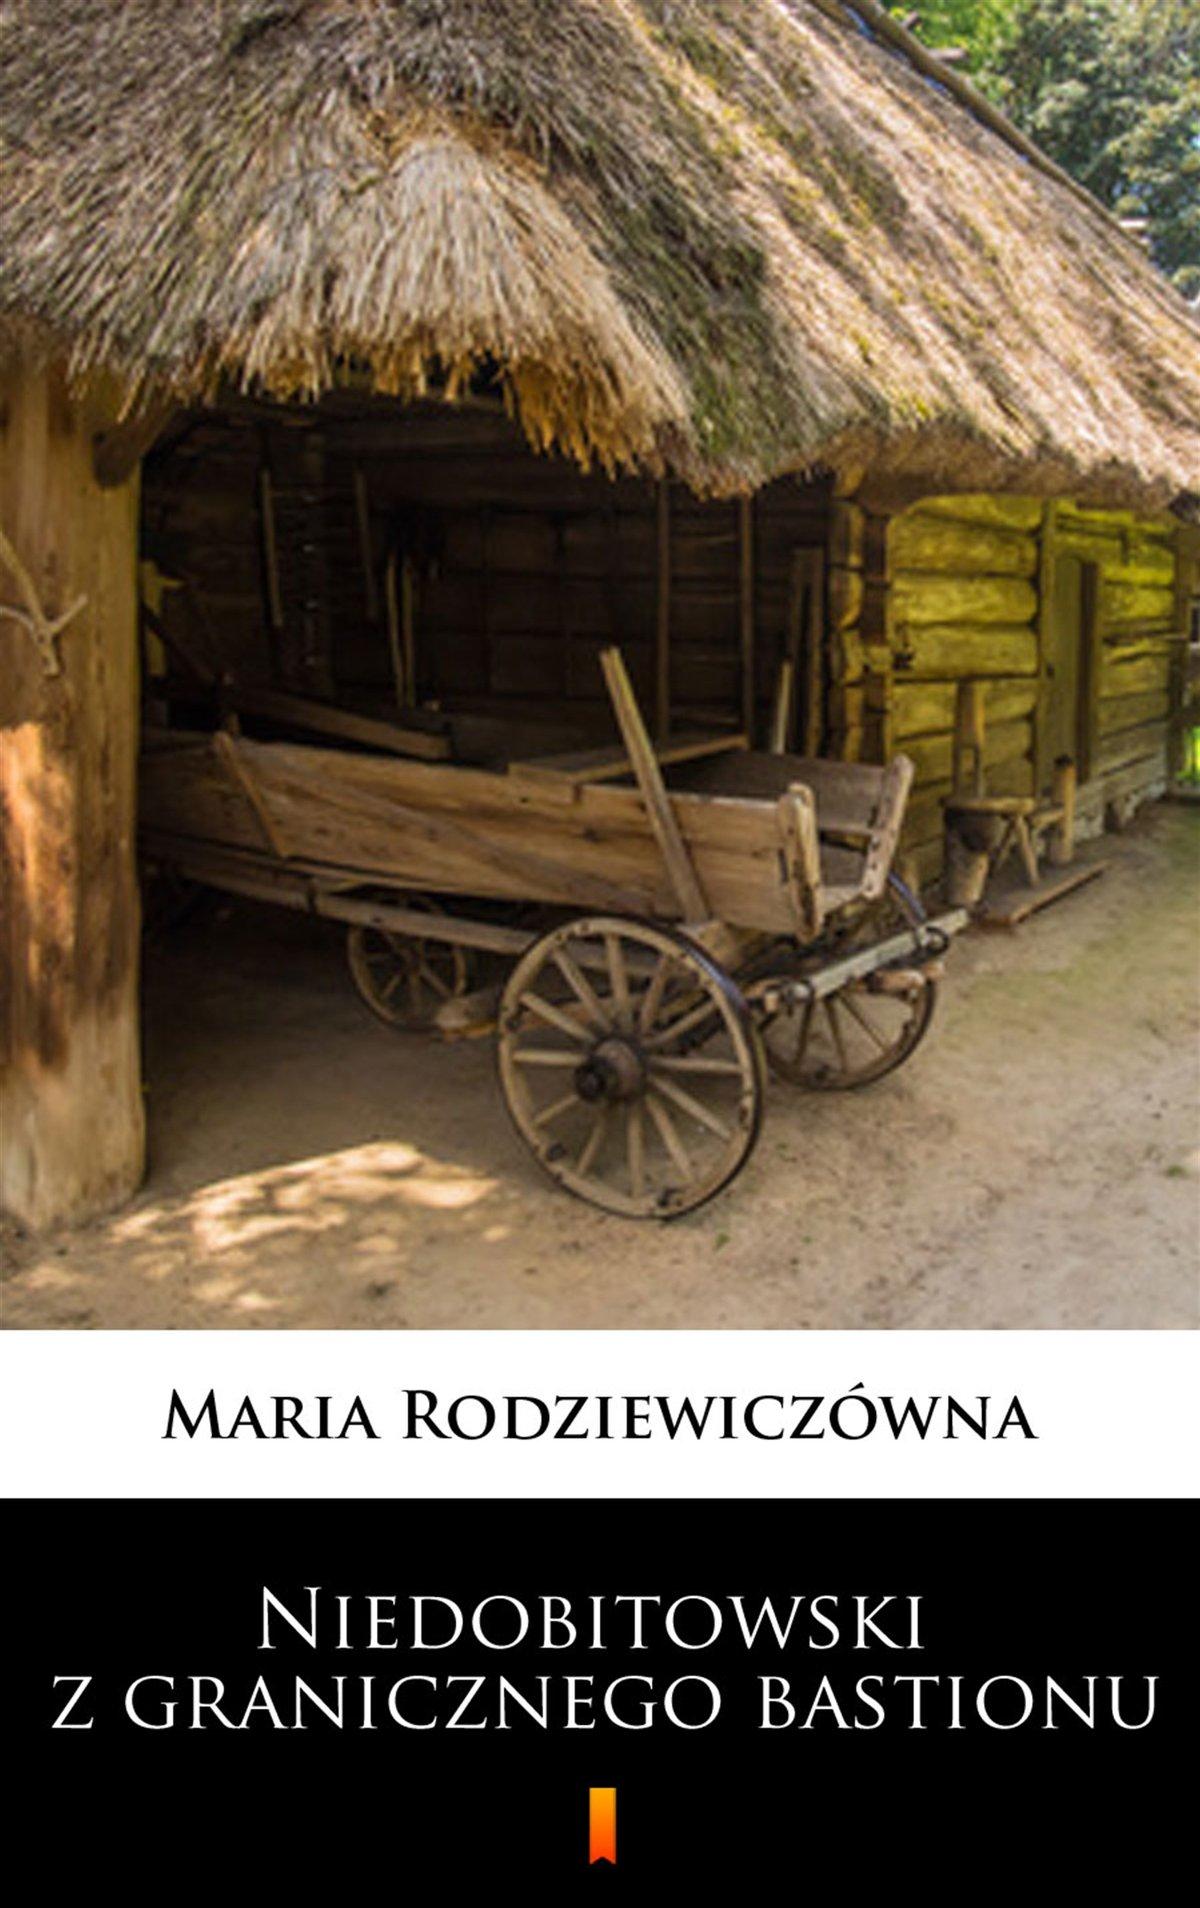 Niedobitowski z granicznego bastionu - Ebook (Książka na Kindle) do pobrania w formacie MOBI